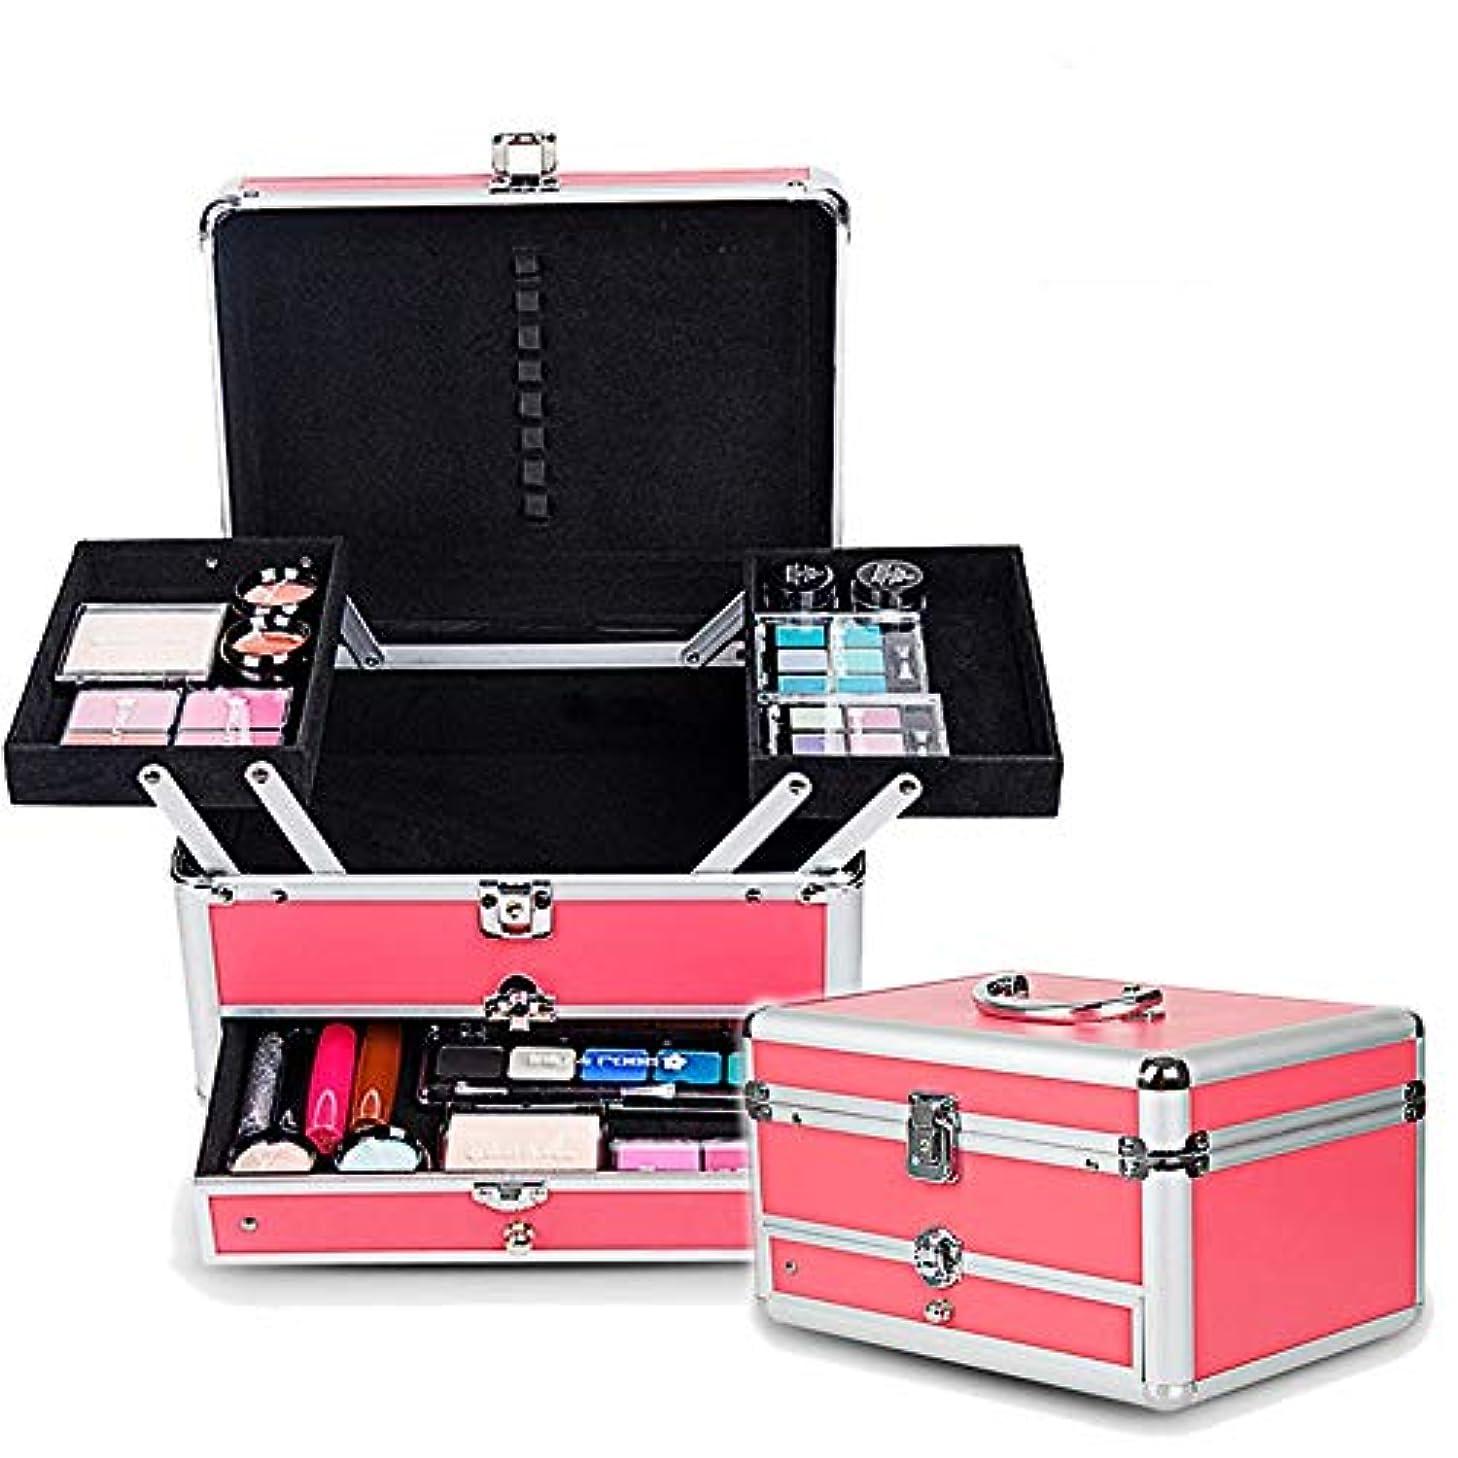 オーディション精算モーター特大スペース収納ビューティーボックス 女の子の女性旅行のための新しく、実用的な携帯用化粧箱およびロックおよび皿が付いている毎日の貯蔵 化粧品化粧台 (色 : ピンク)